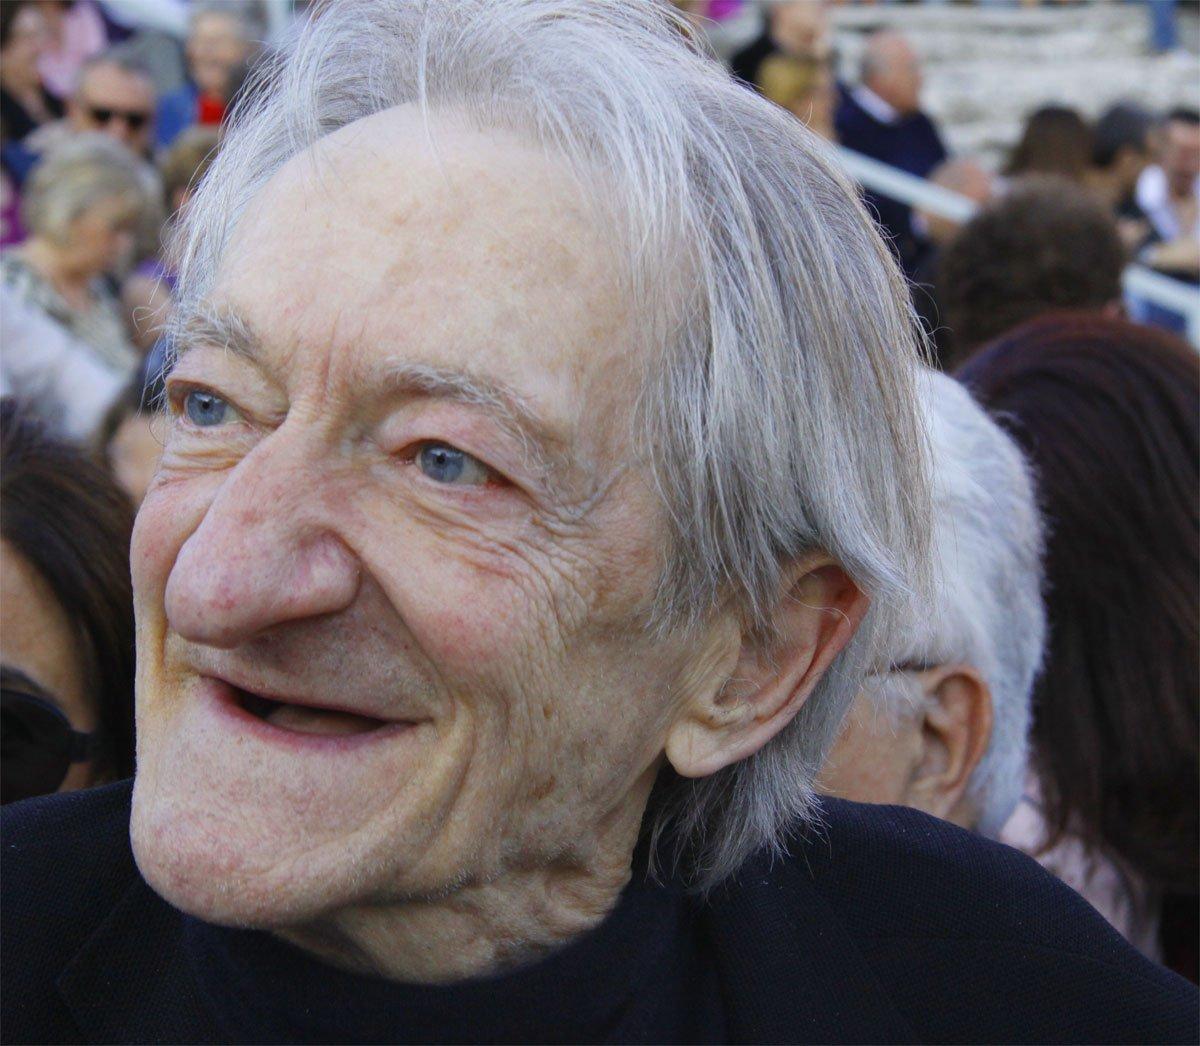 giuseppe notarnicola's photo on Edoardo